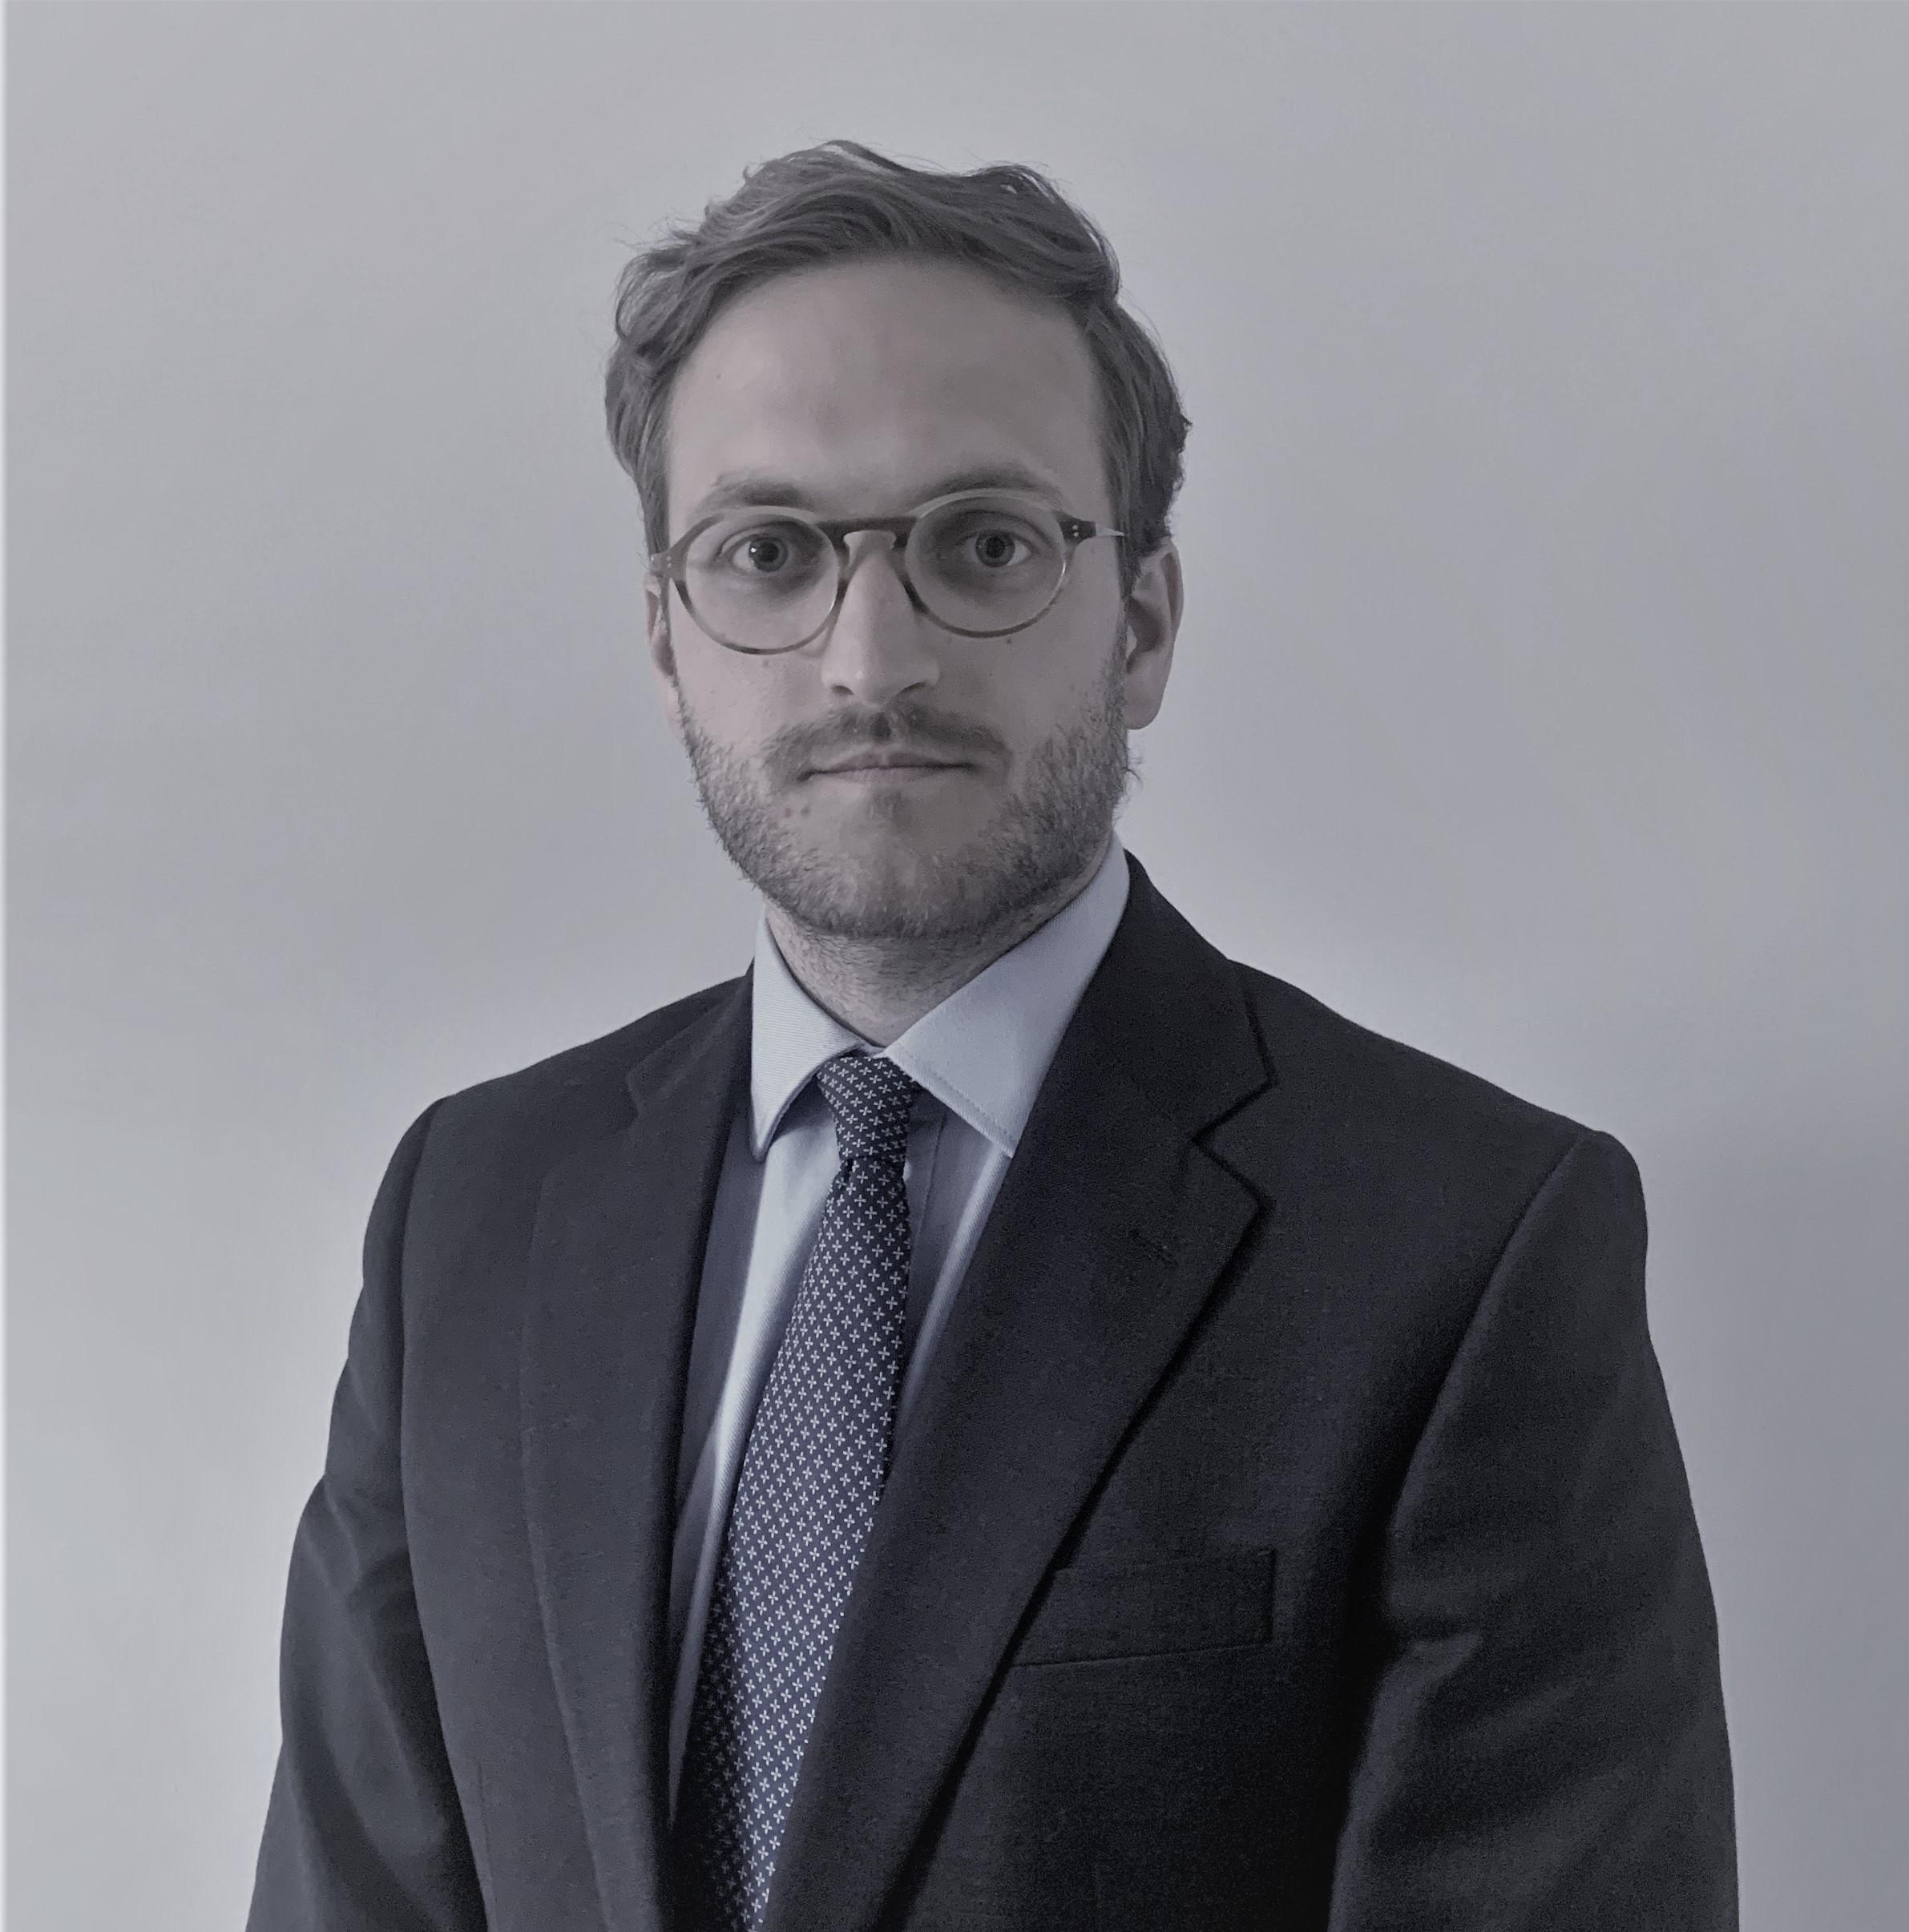 Matthew Hooper - Deans Court Chambers